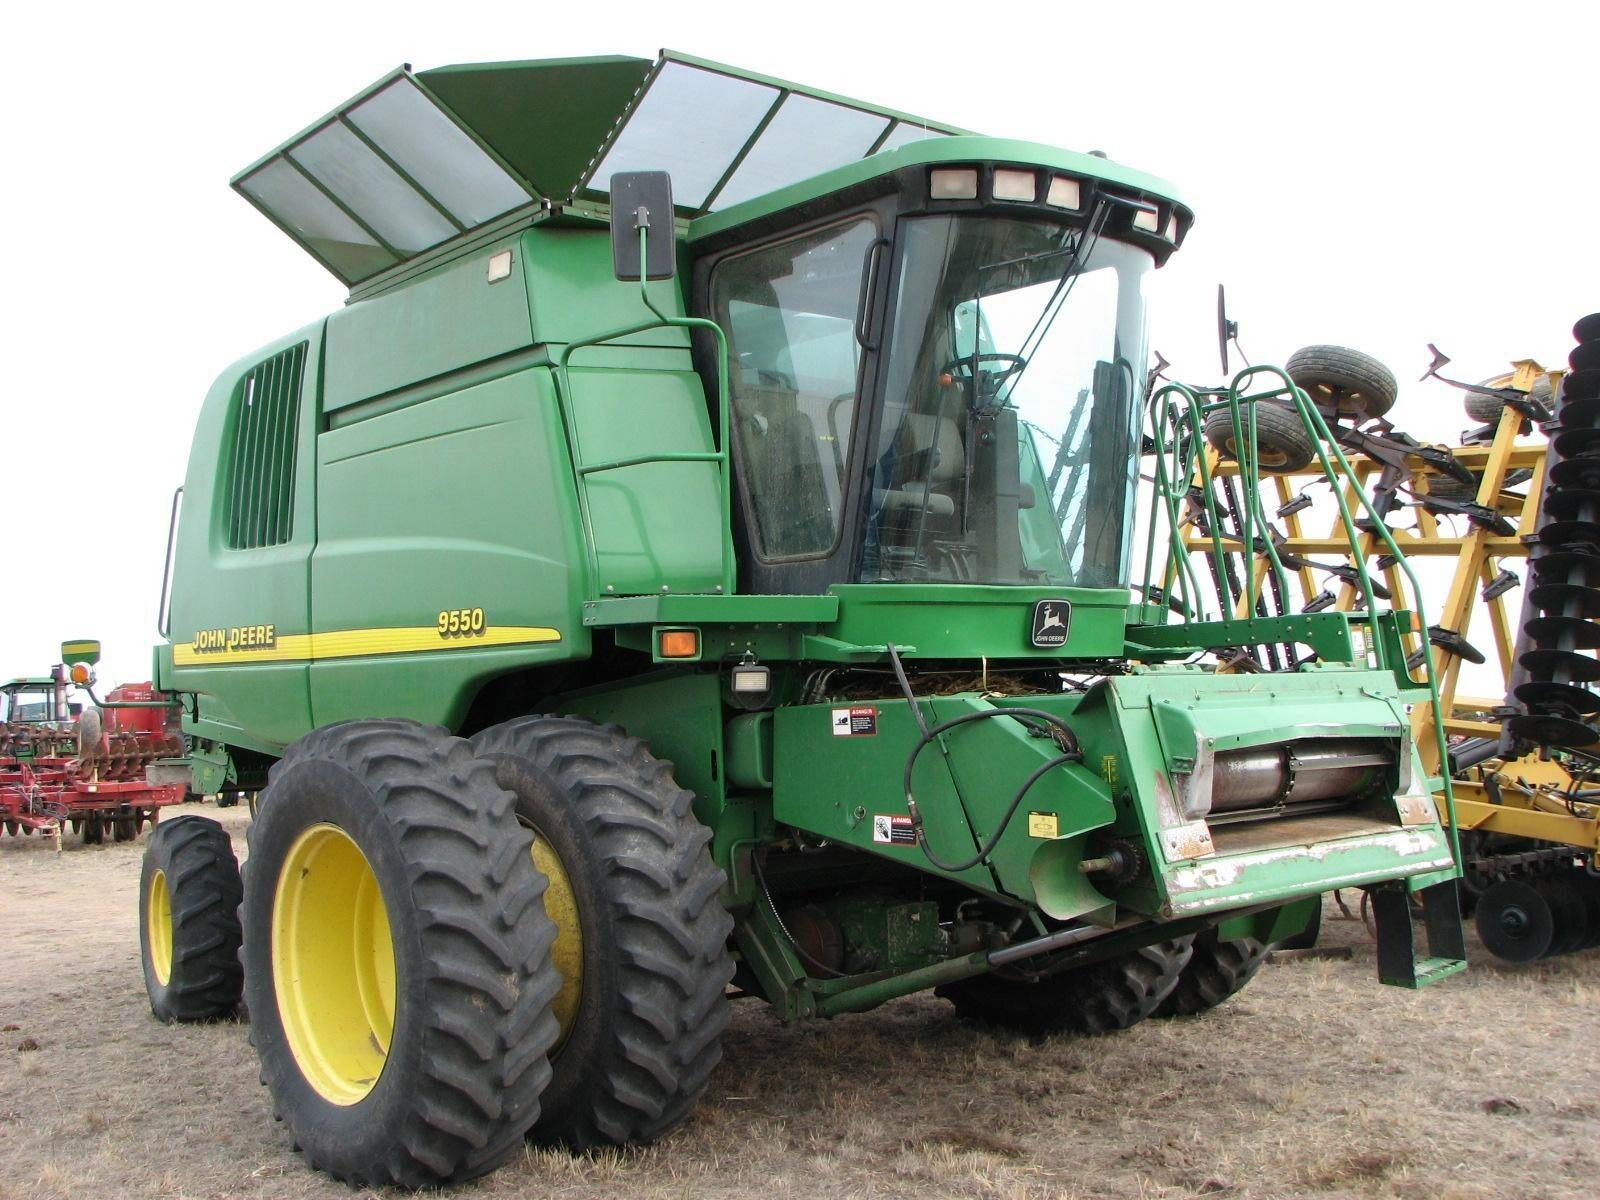 2001 John Deere 9550 Combine